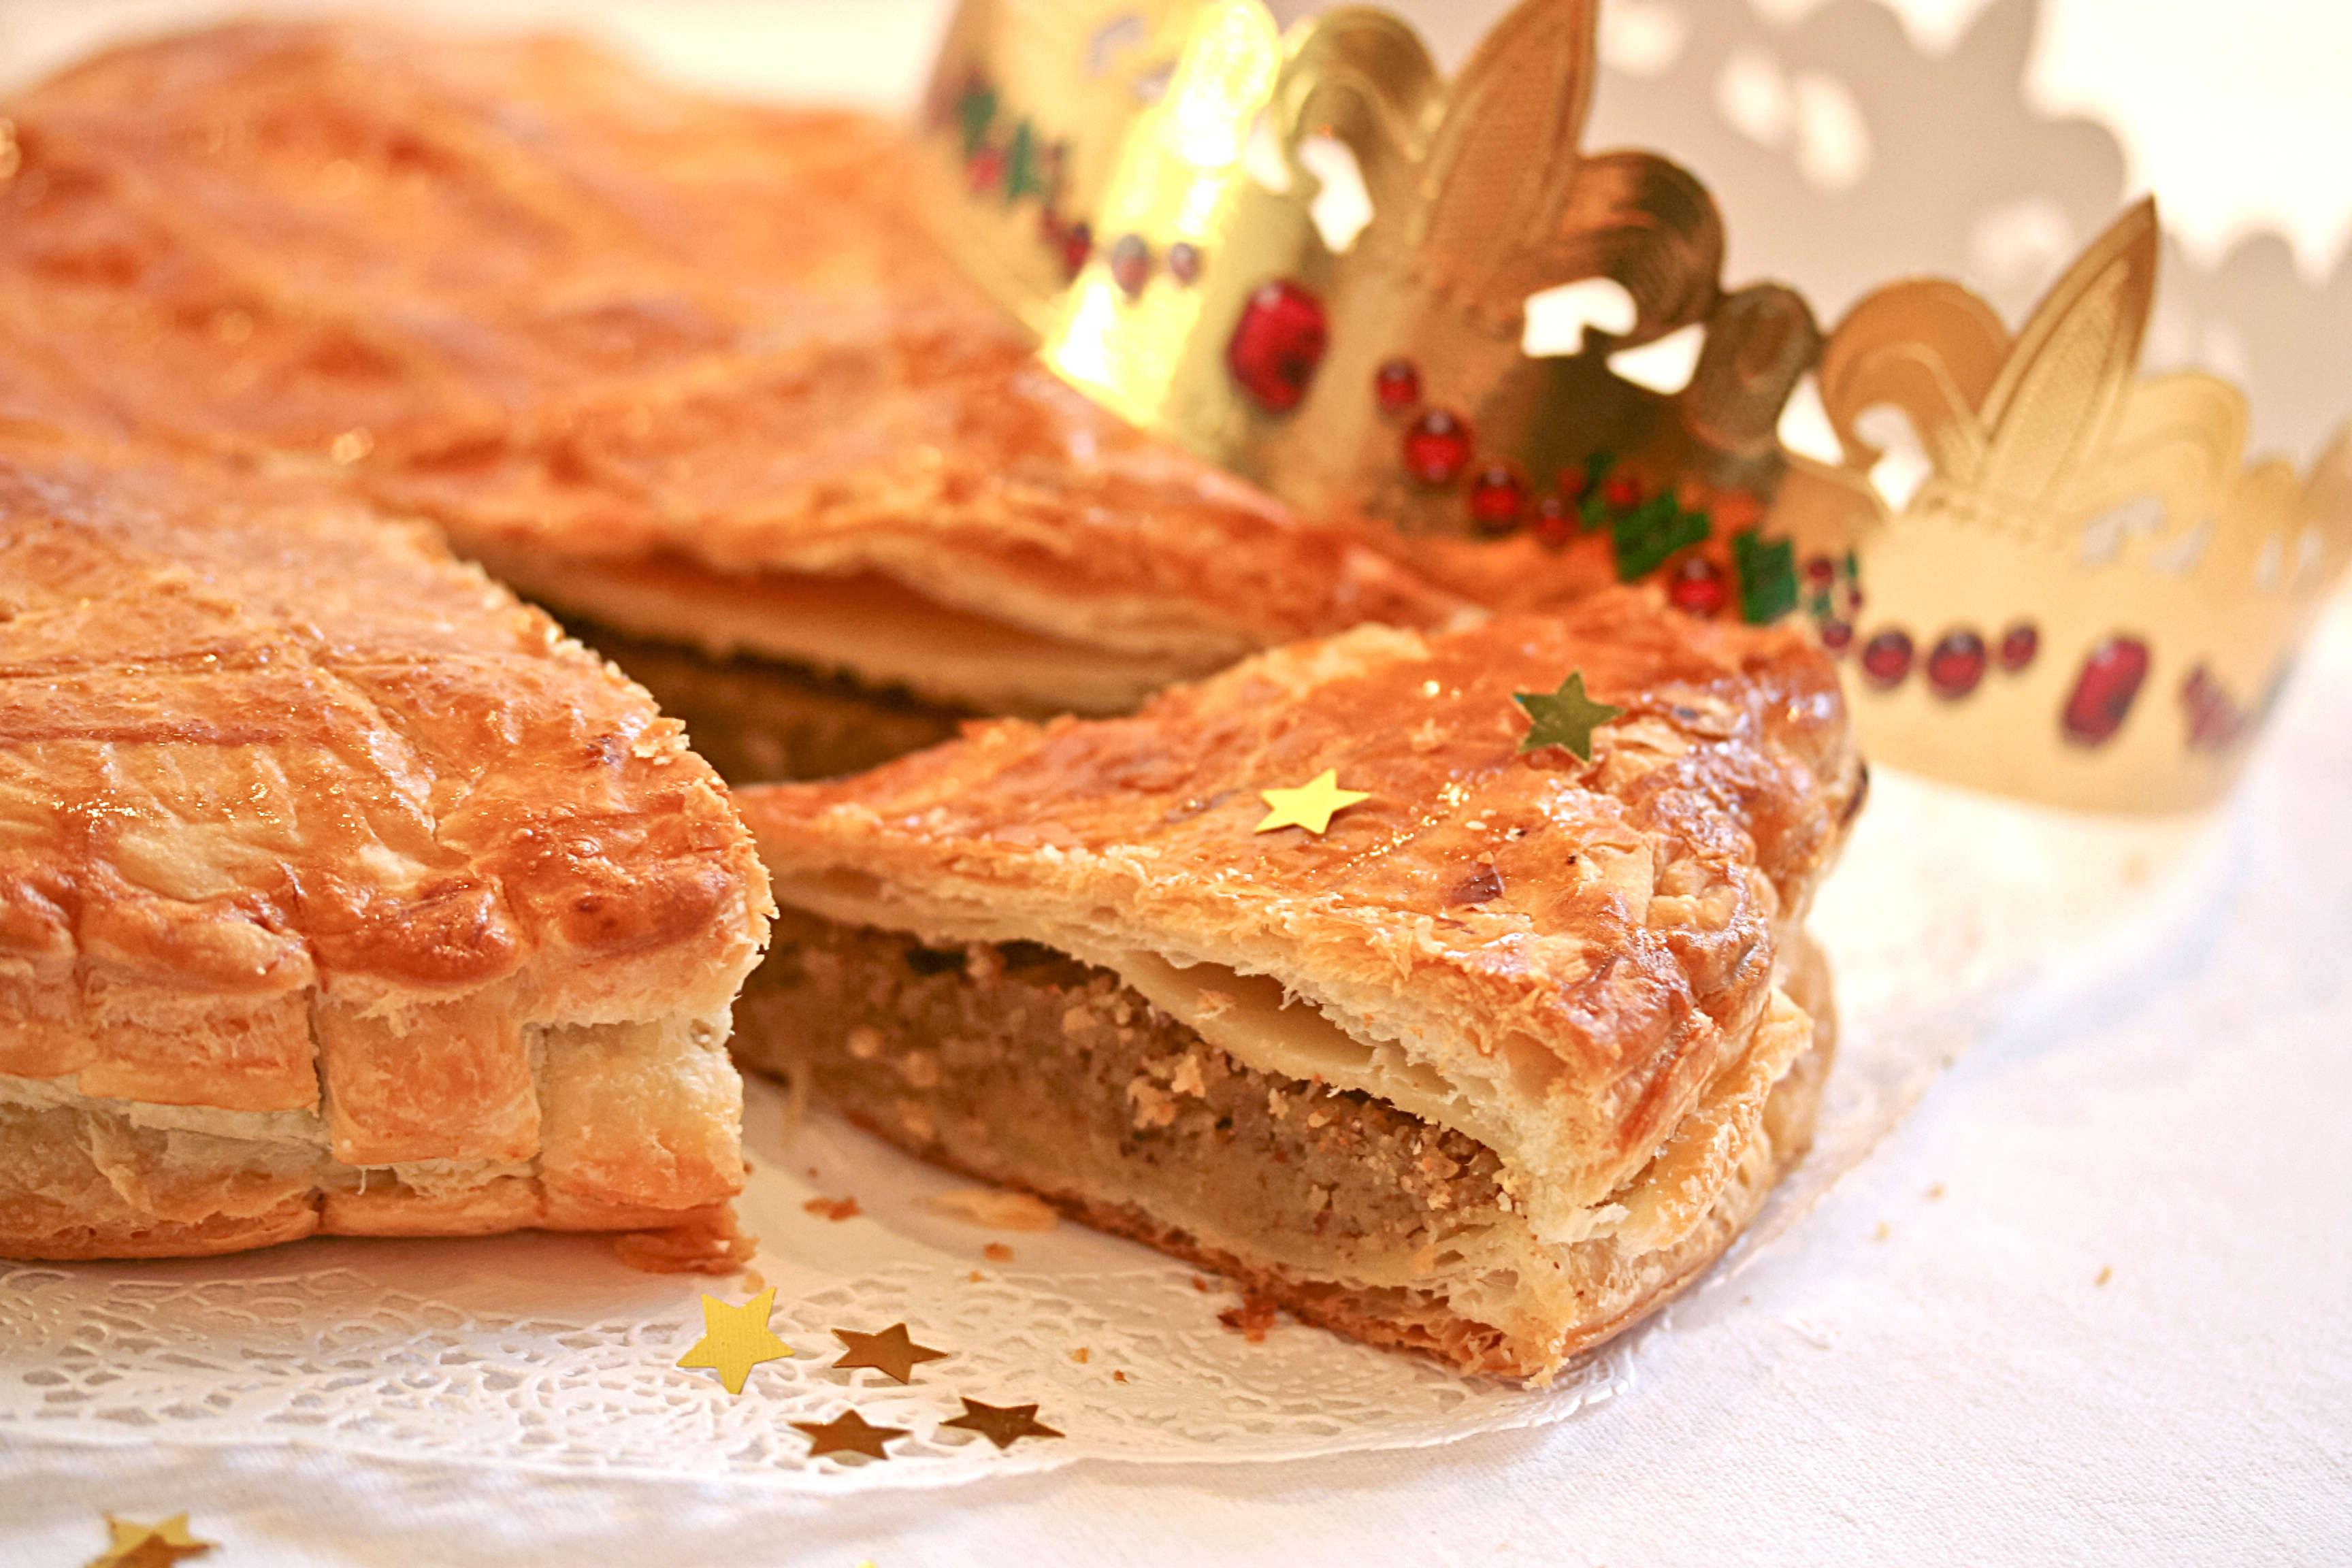 4 recettes de galettes des rois gourmandes pour l'Epiphanie - Blog La Foir'Fouille